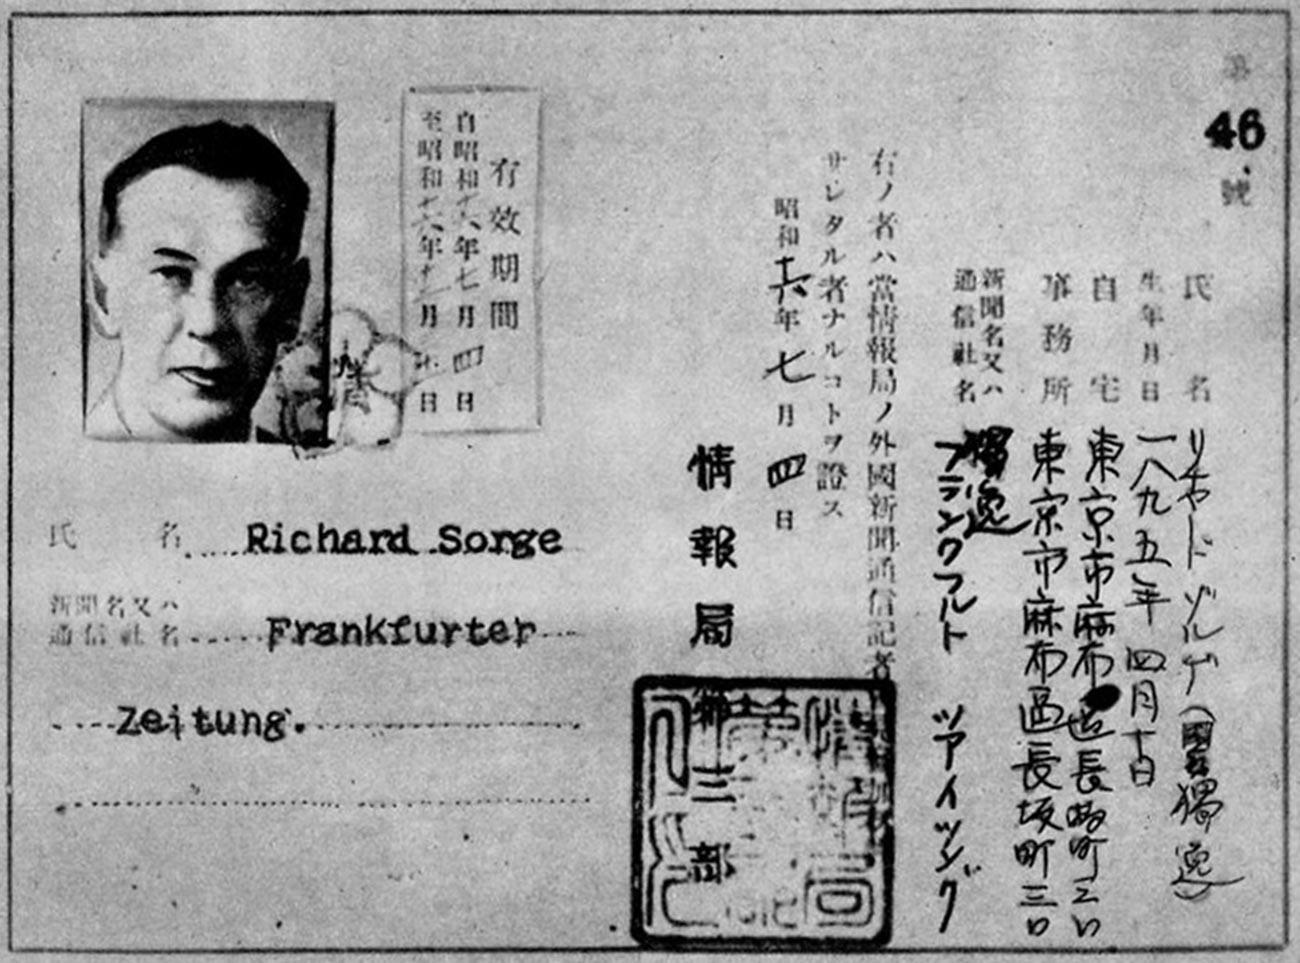 Dokumenti Richarda Sorgea, govorca na nemški ambasadi na Japonskem